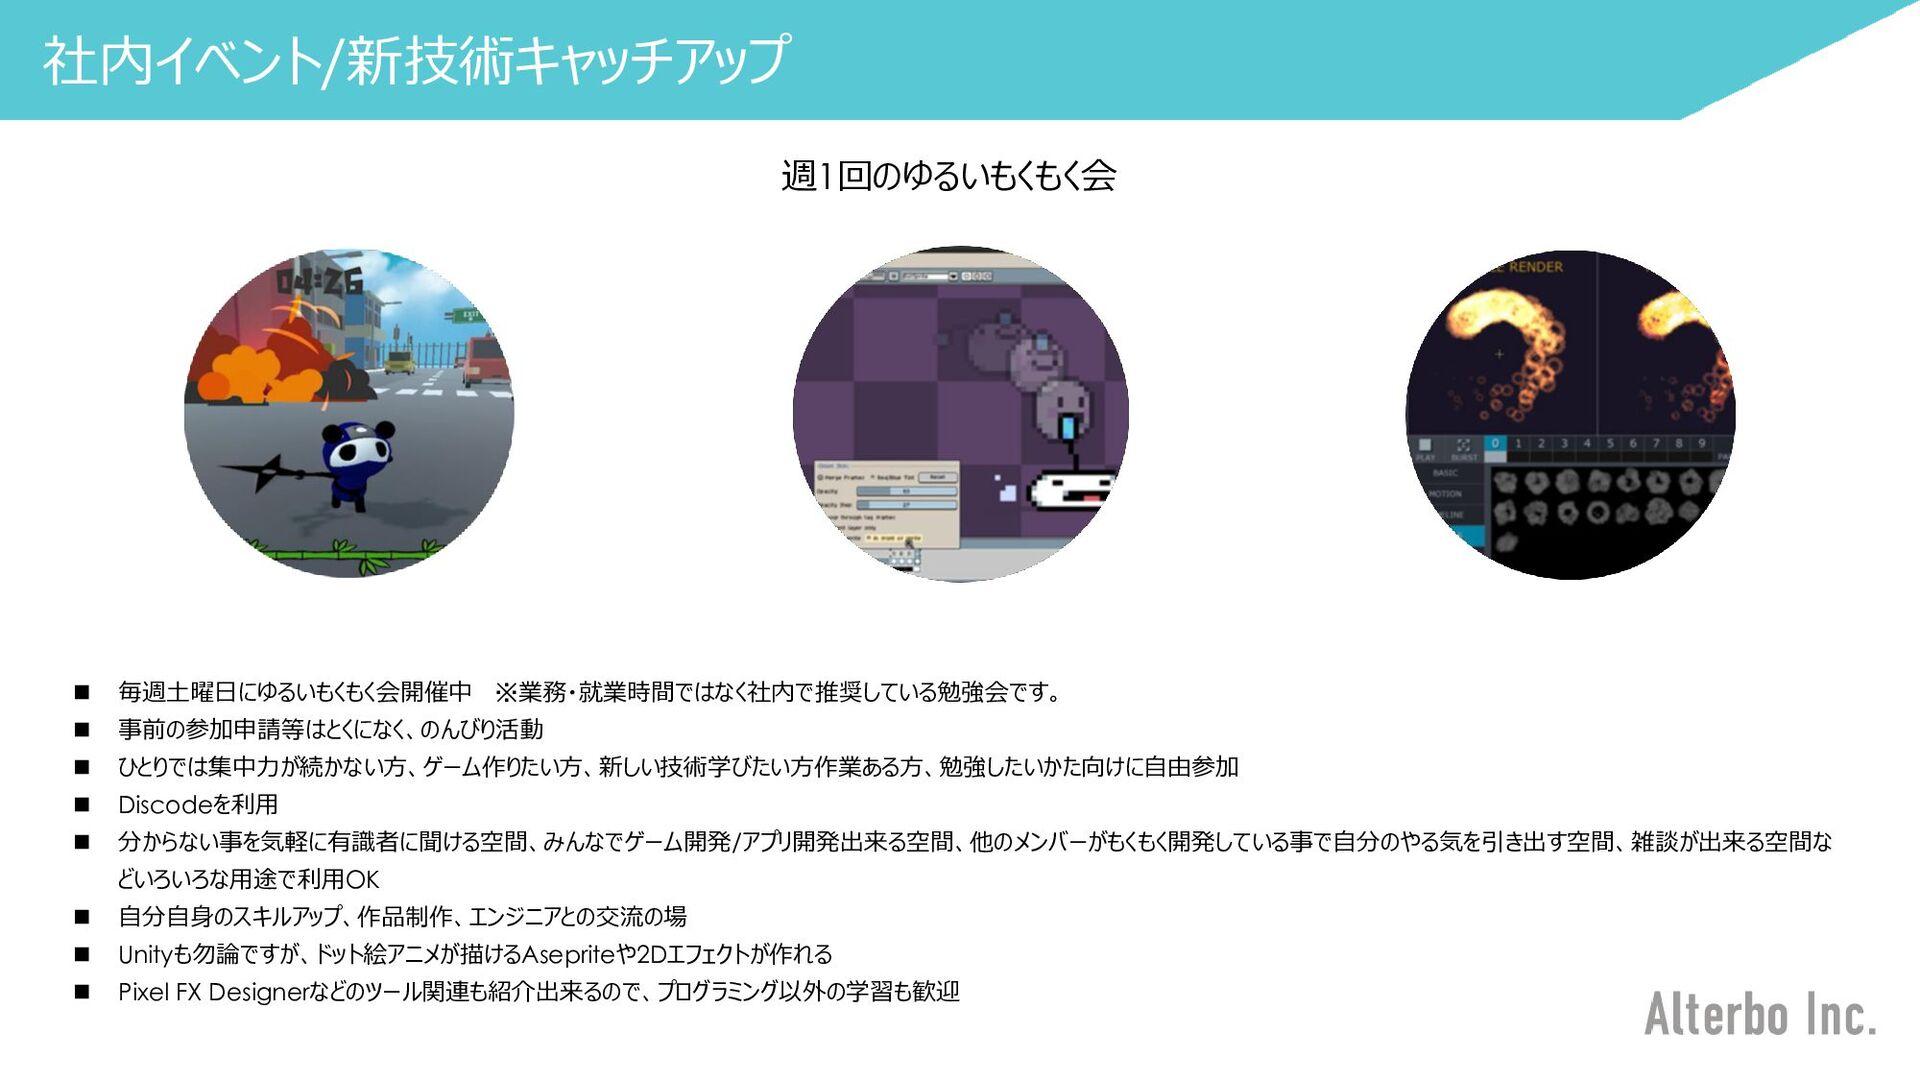 キャリアパス事例① 新卒入社KY甲斐田さん 第二新卒から約6ヶ月後にゲーム開発、受託開発プロジ...